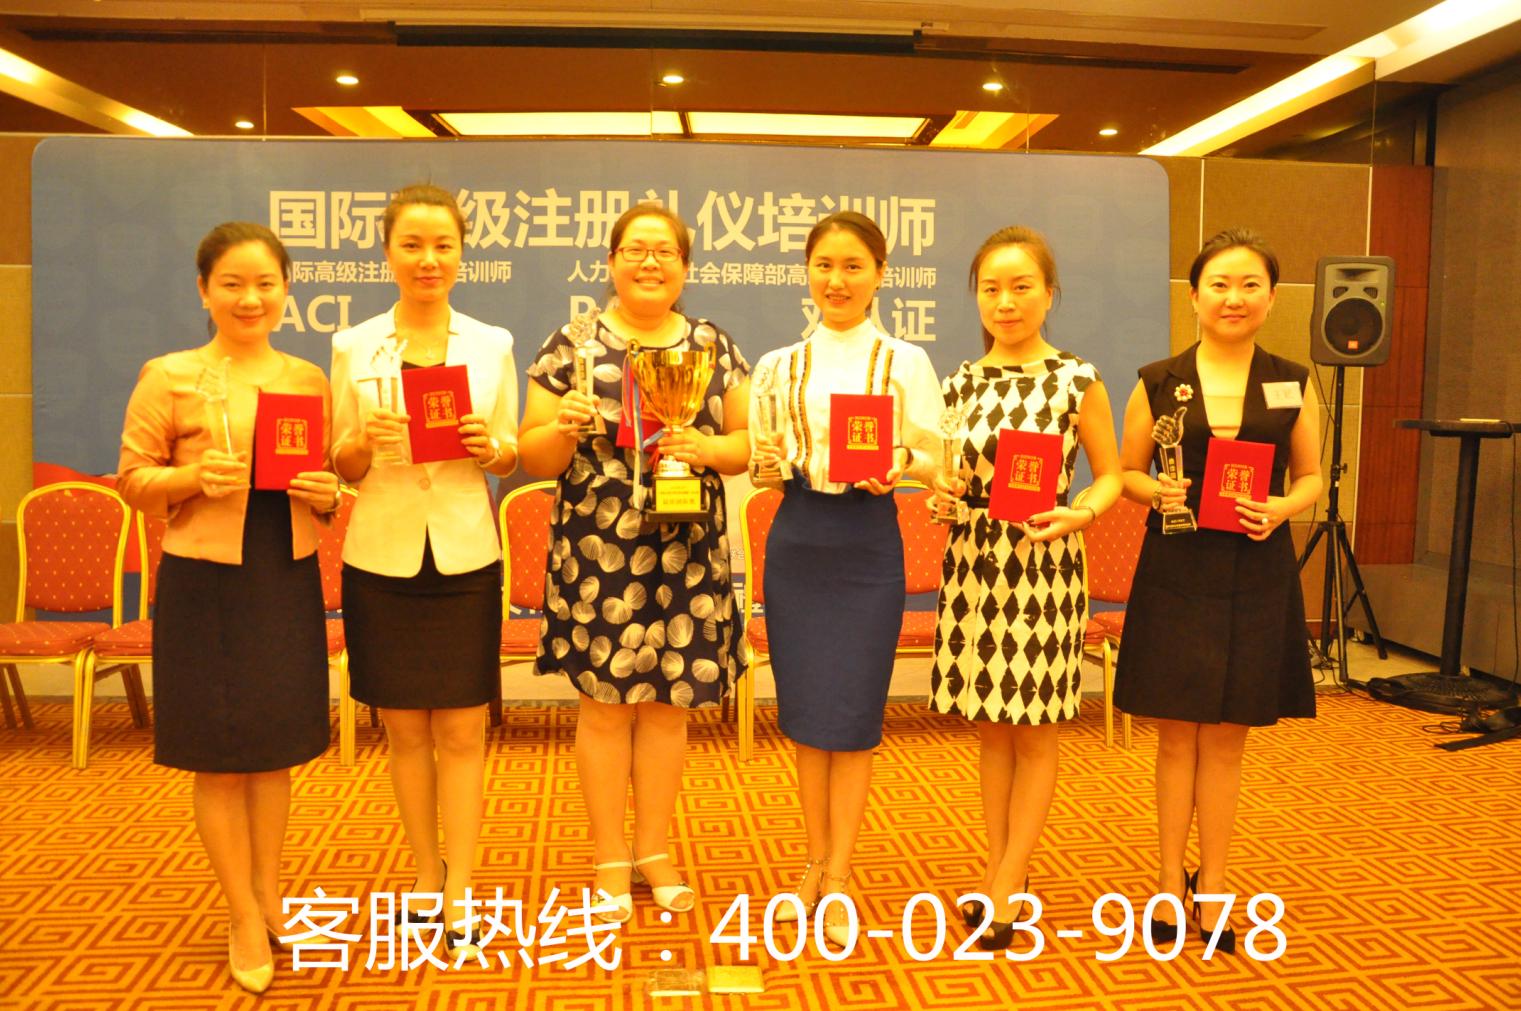 国际注册礼仪指导师_如何获得礼仪培训_上海海纳川教育科技有限公司